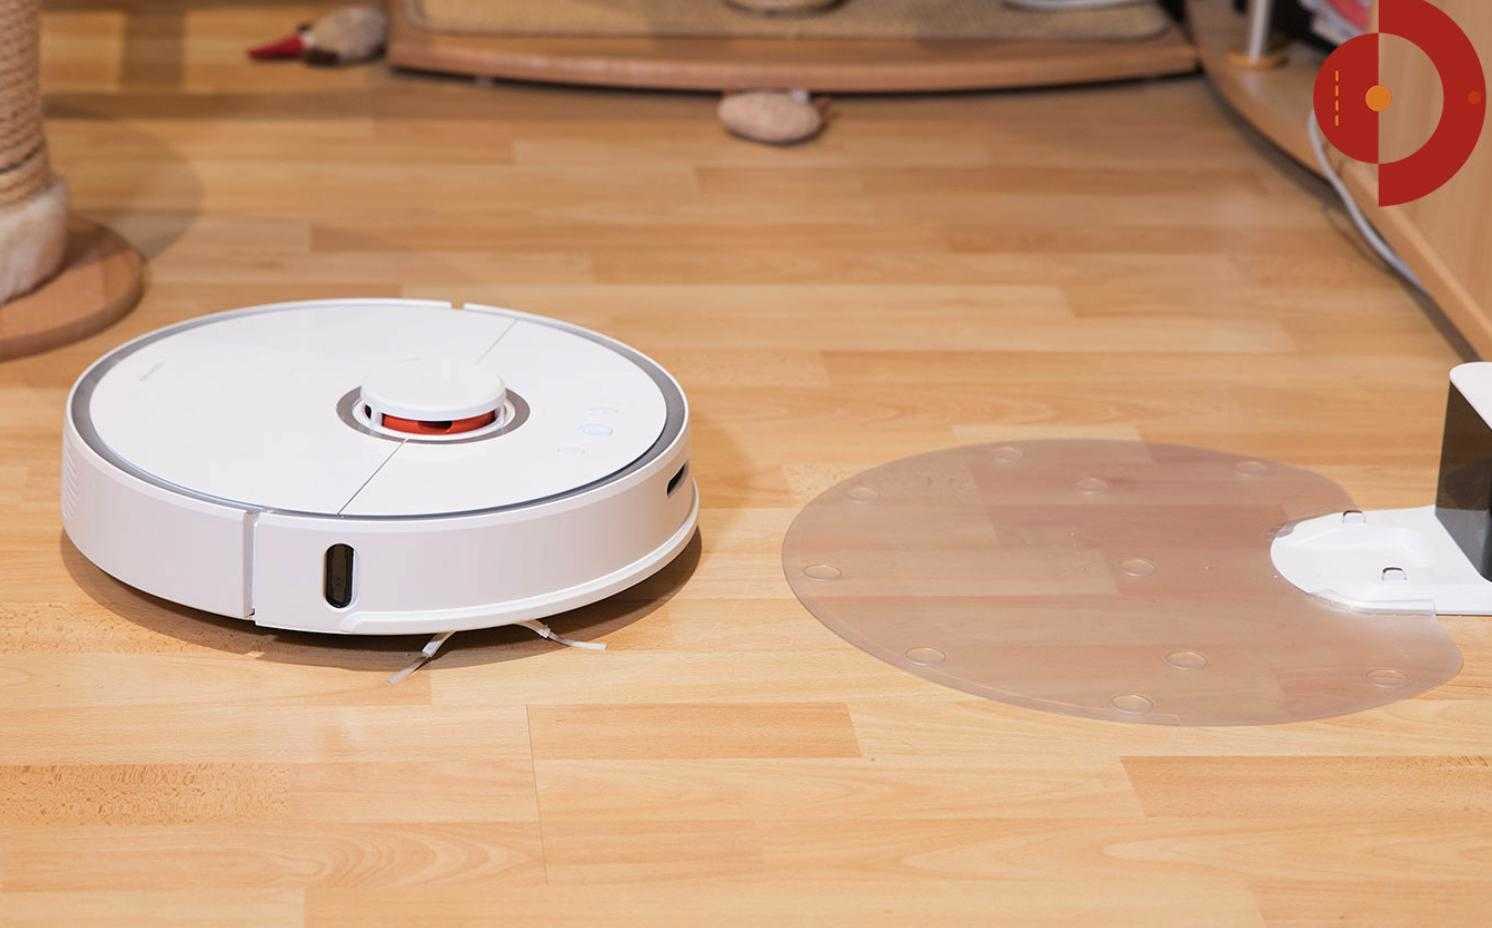 米家扫地机器人1t和石头扫地机器人t7哪款更值得买?